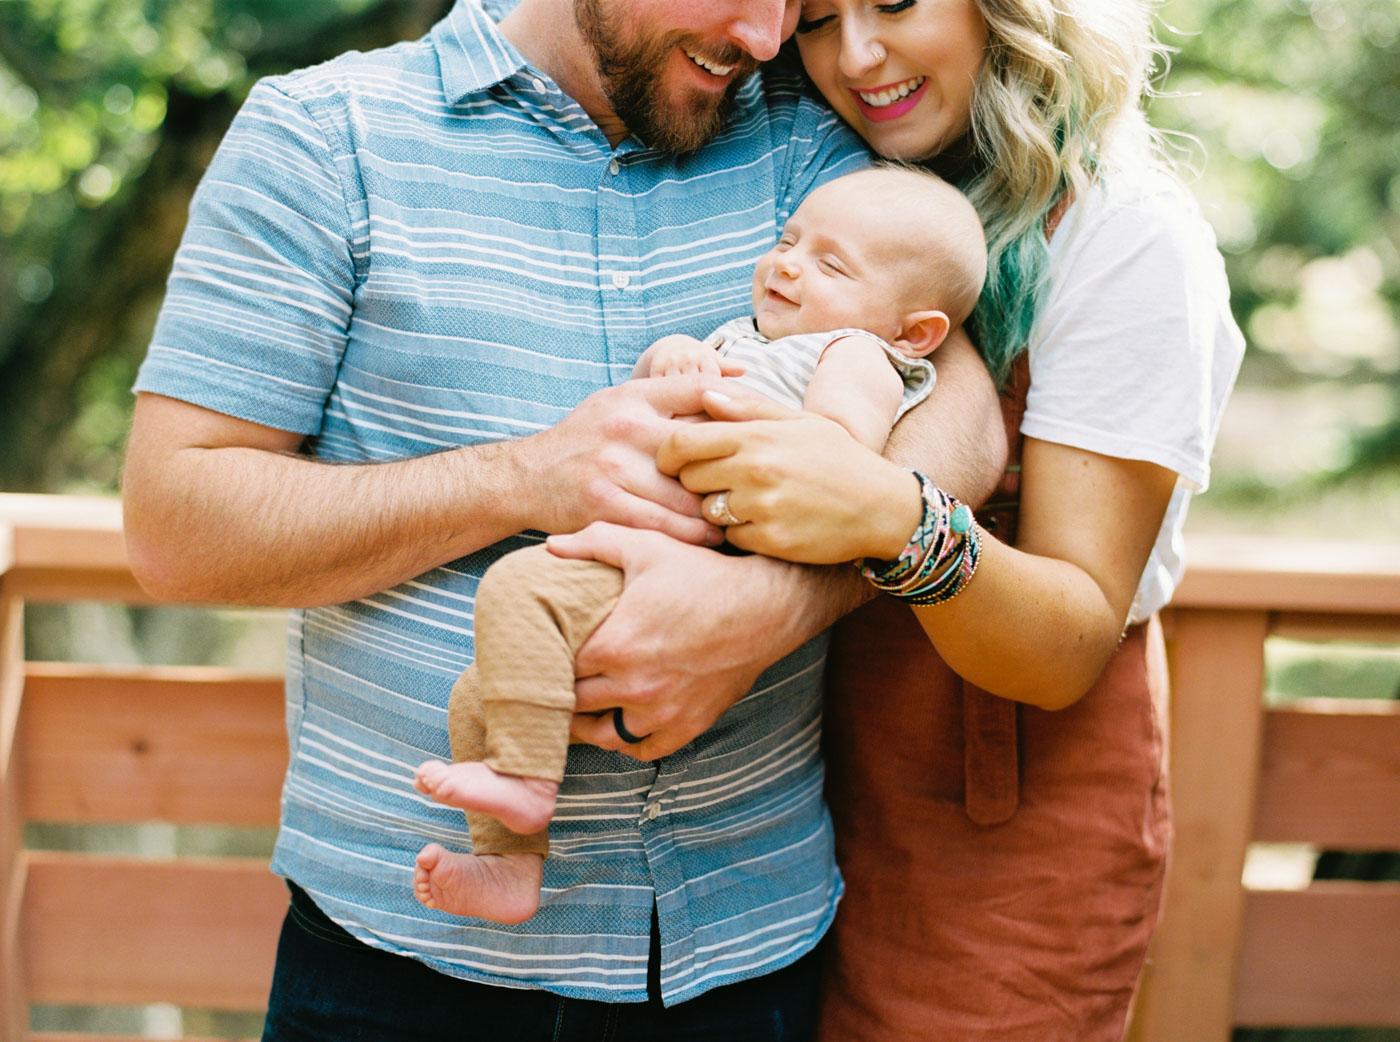 family photos-15.jpg